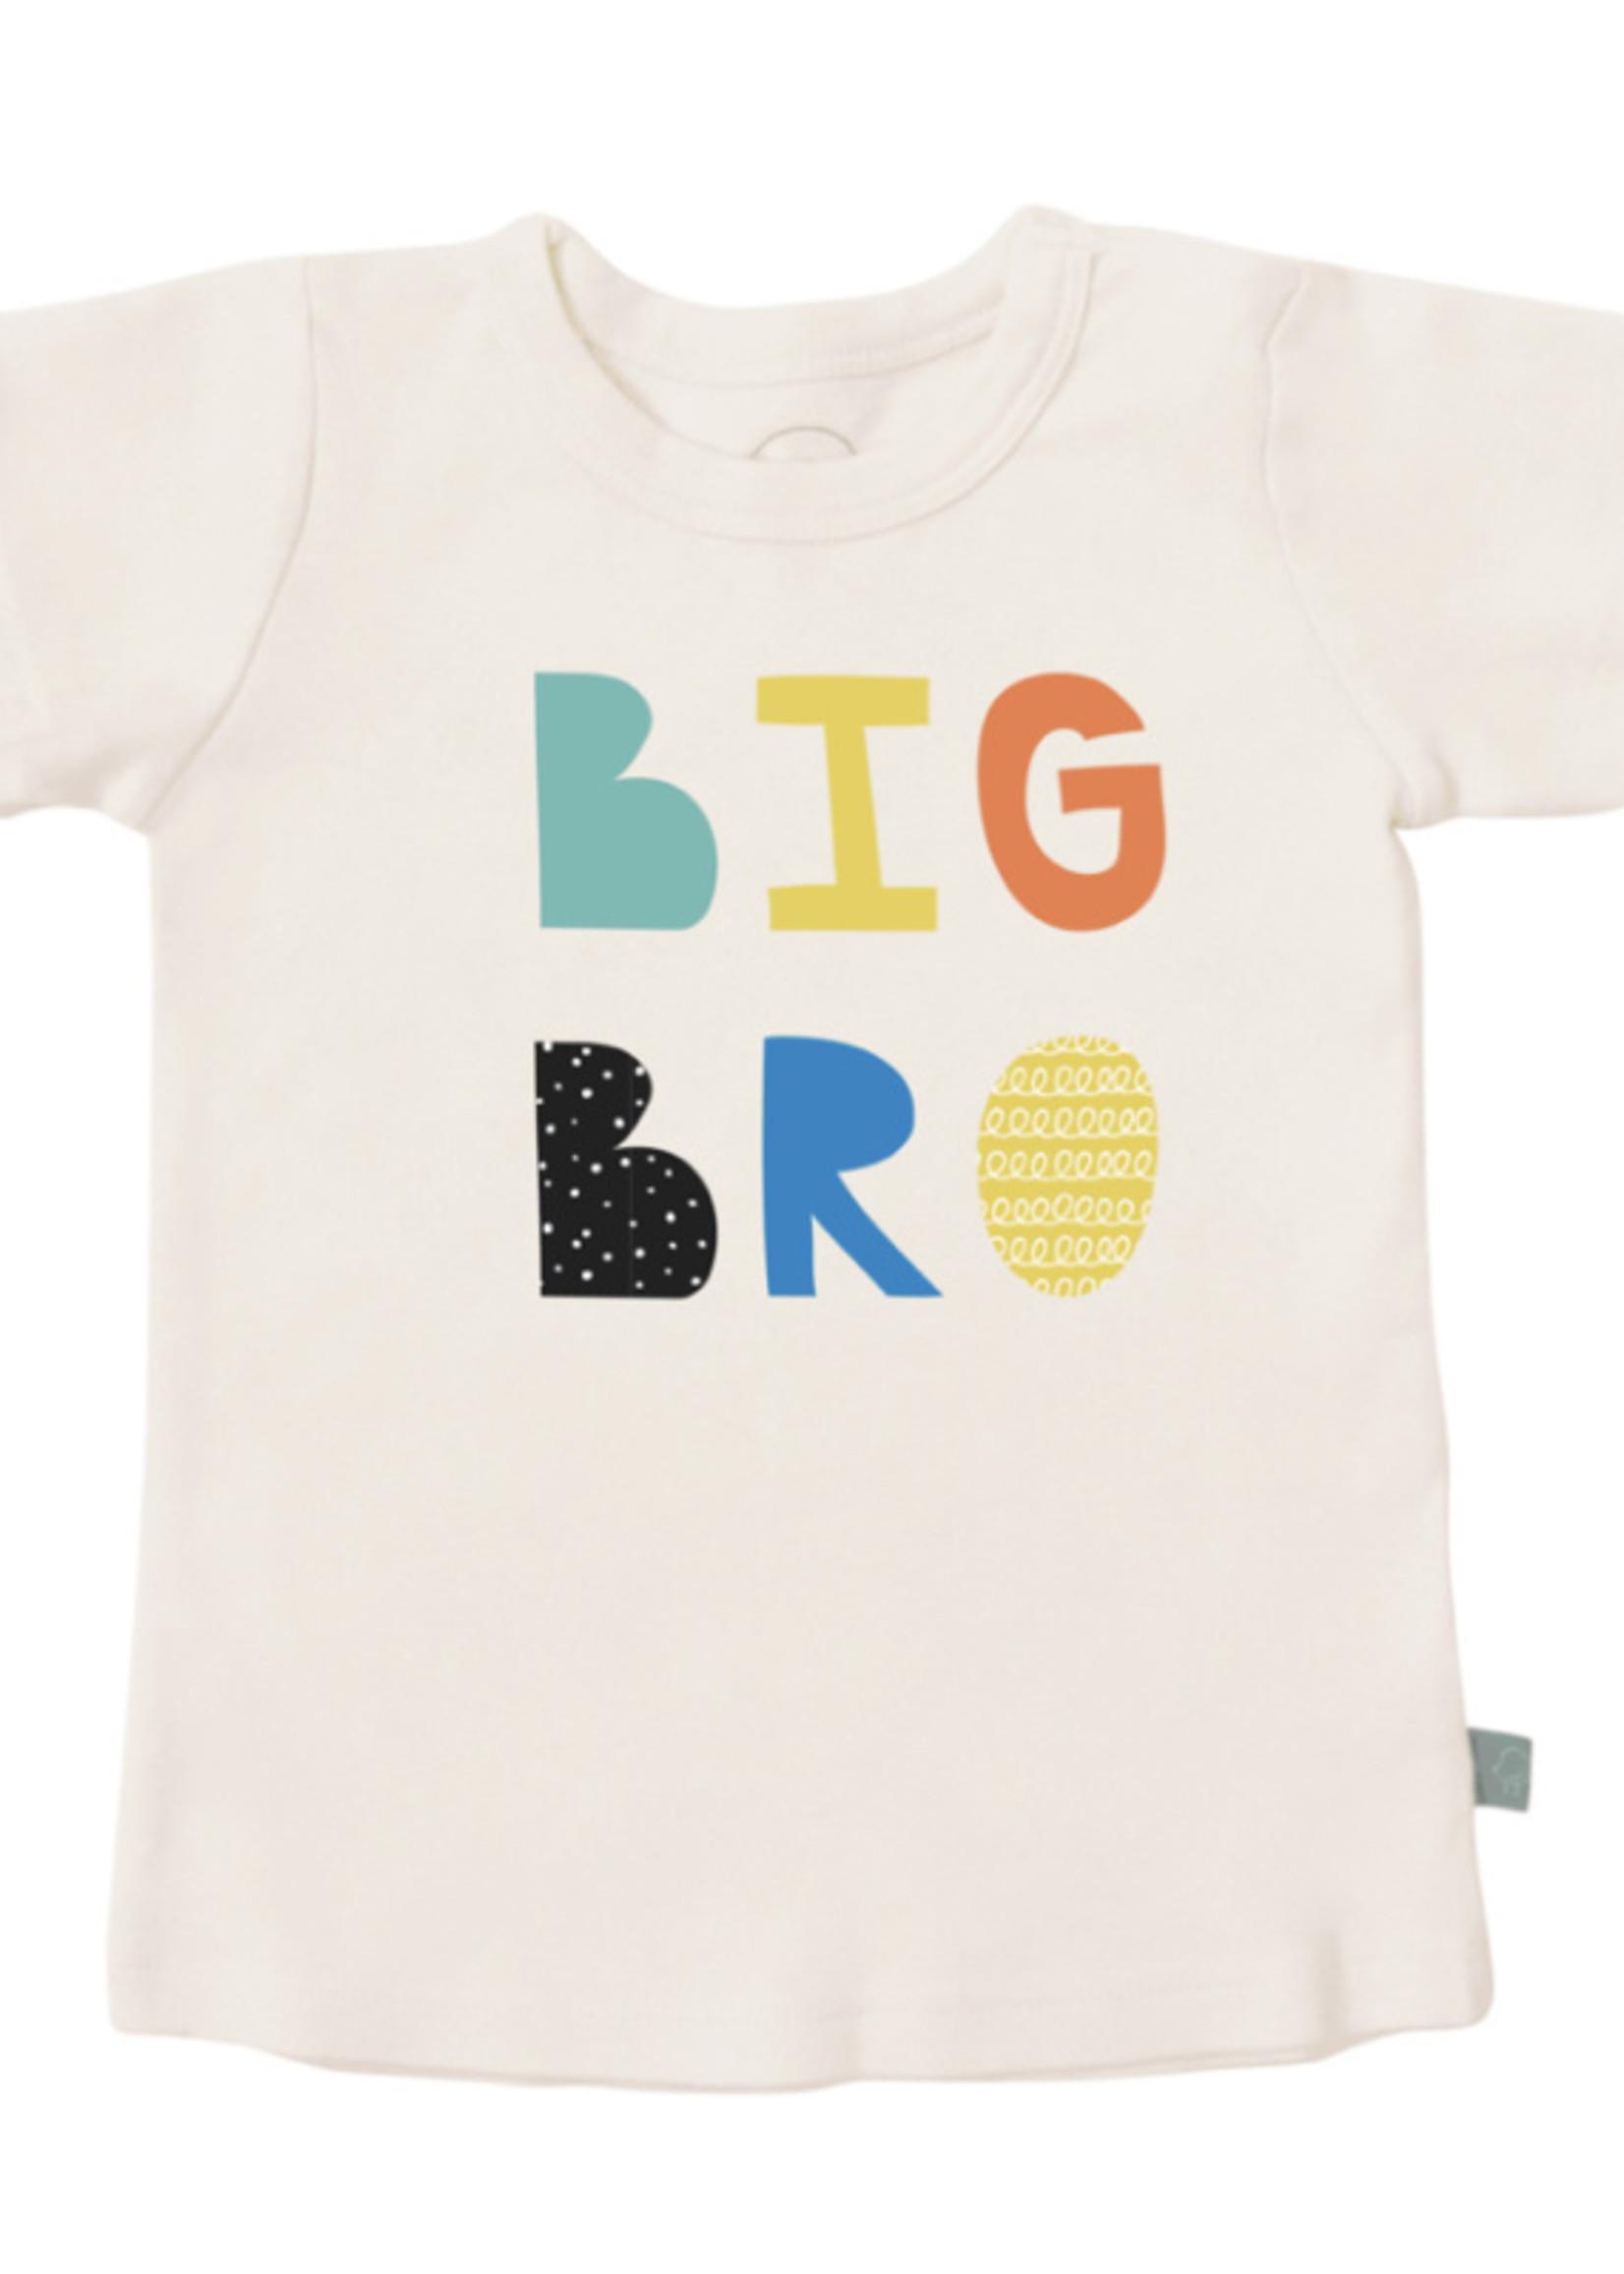 Finn and emma Big Bro Tee